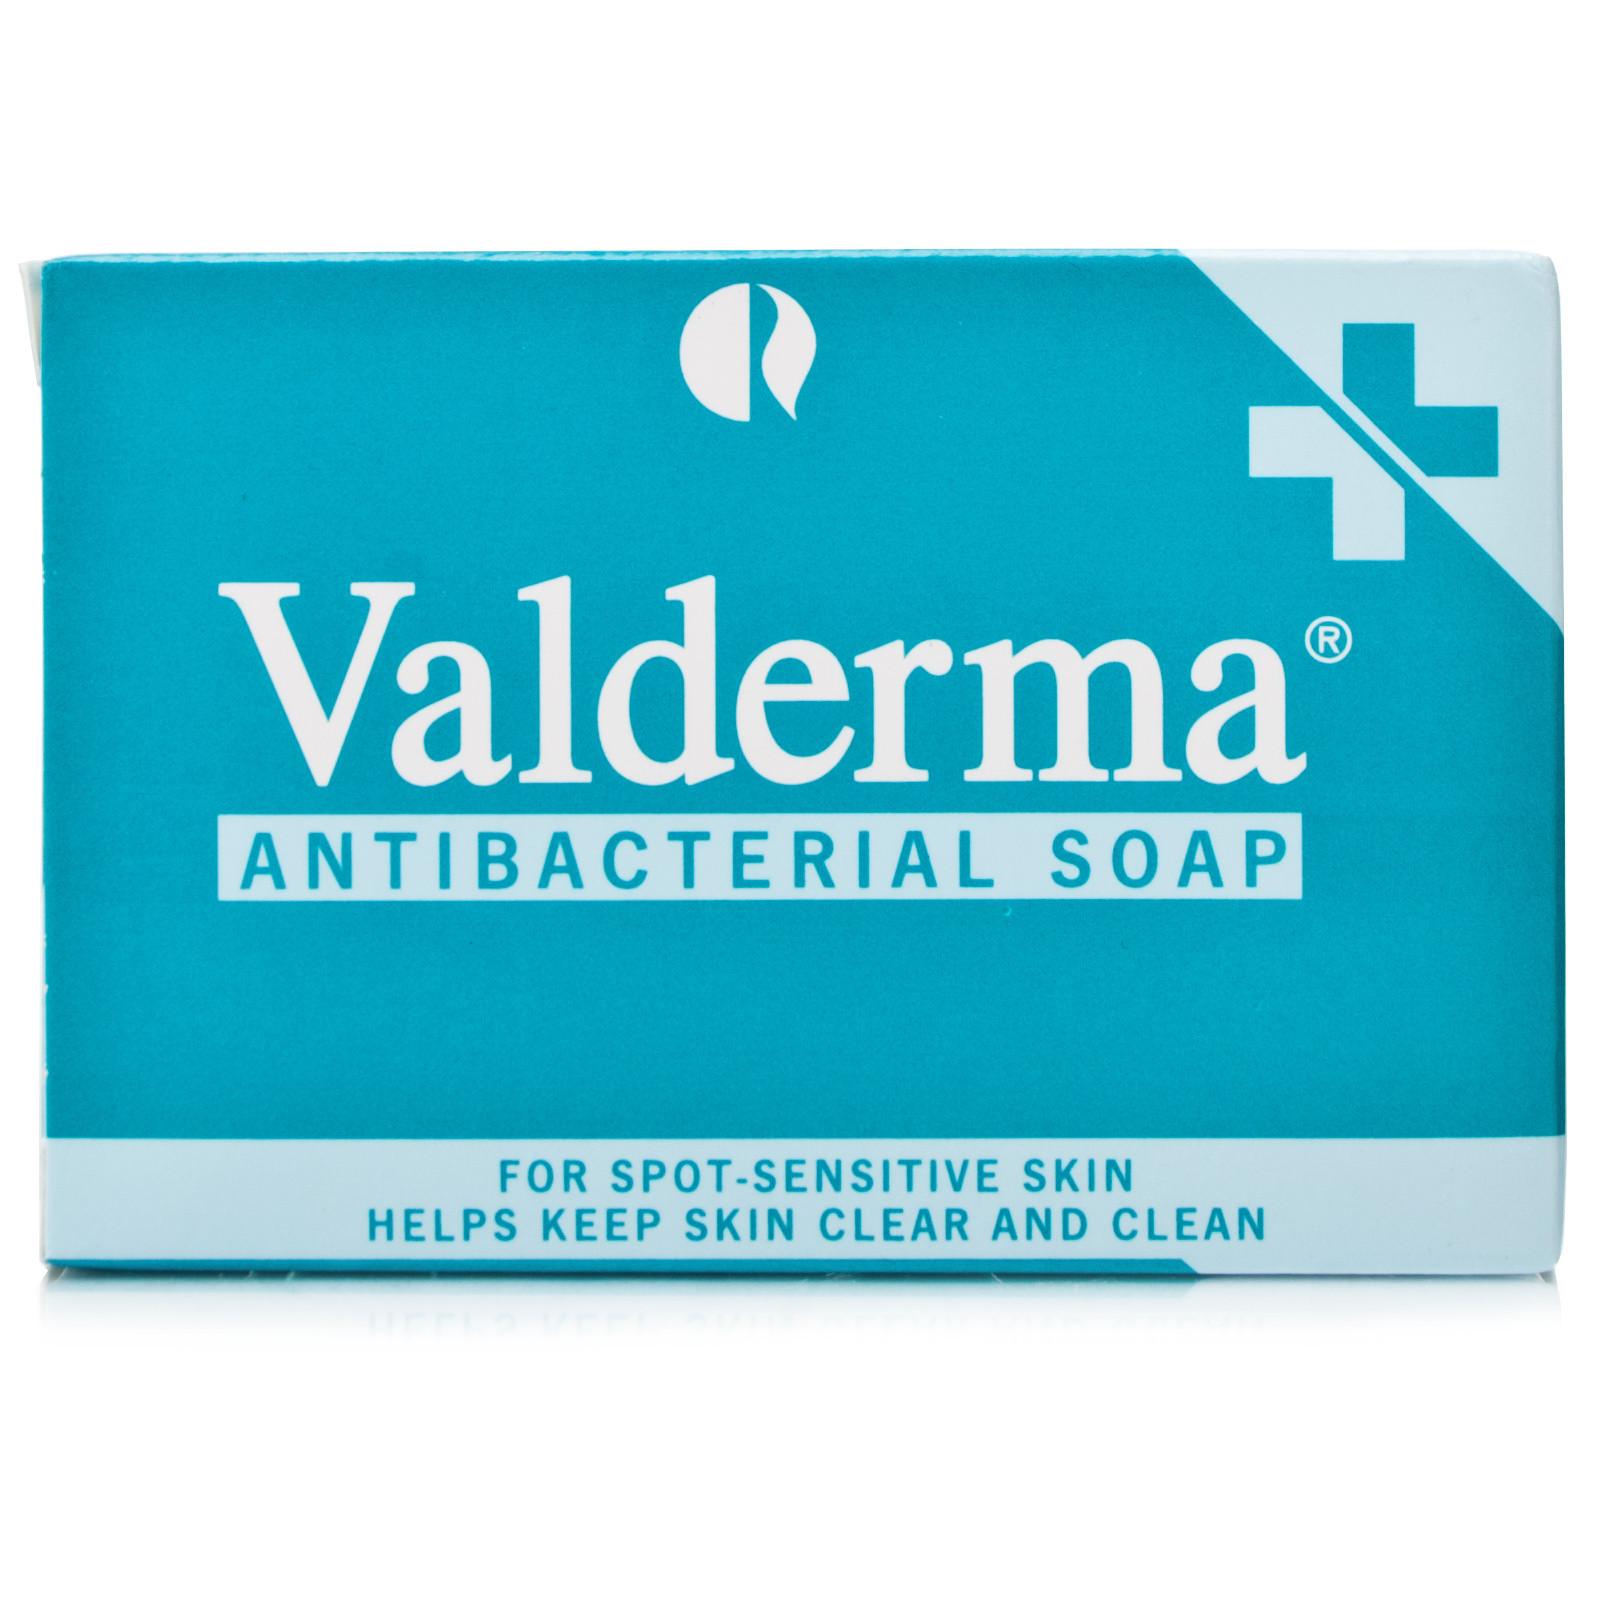 Valderma Antibacterial Soap